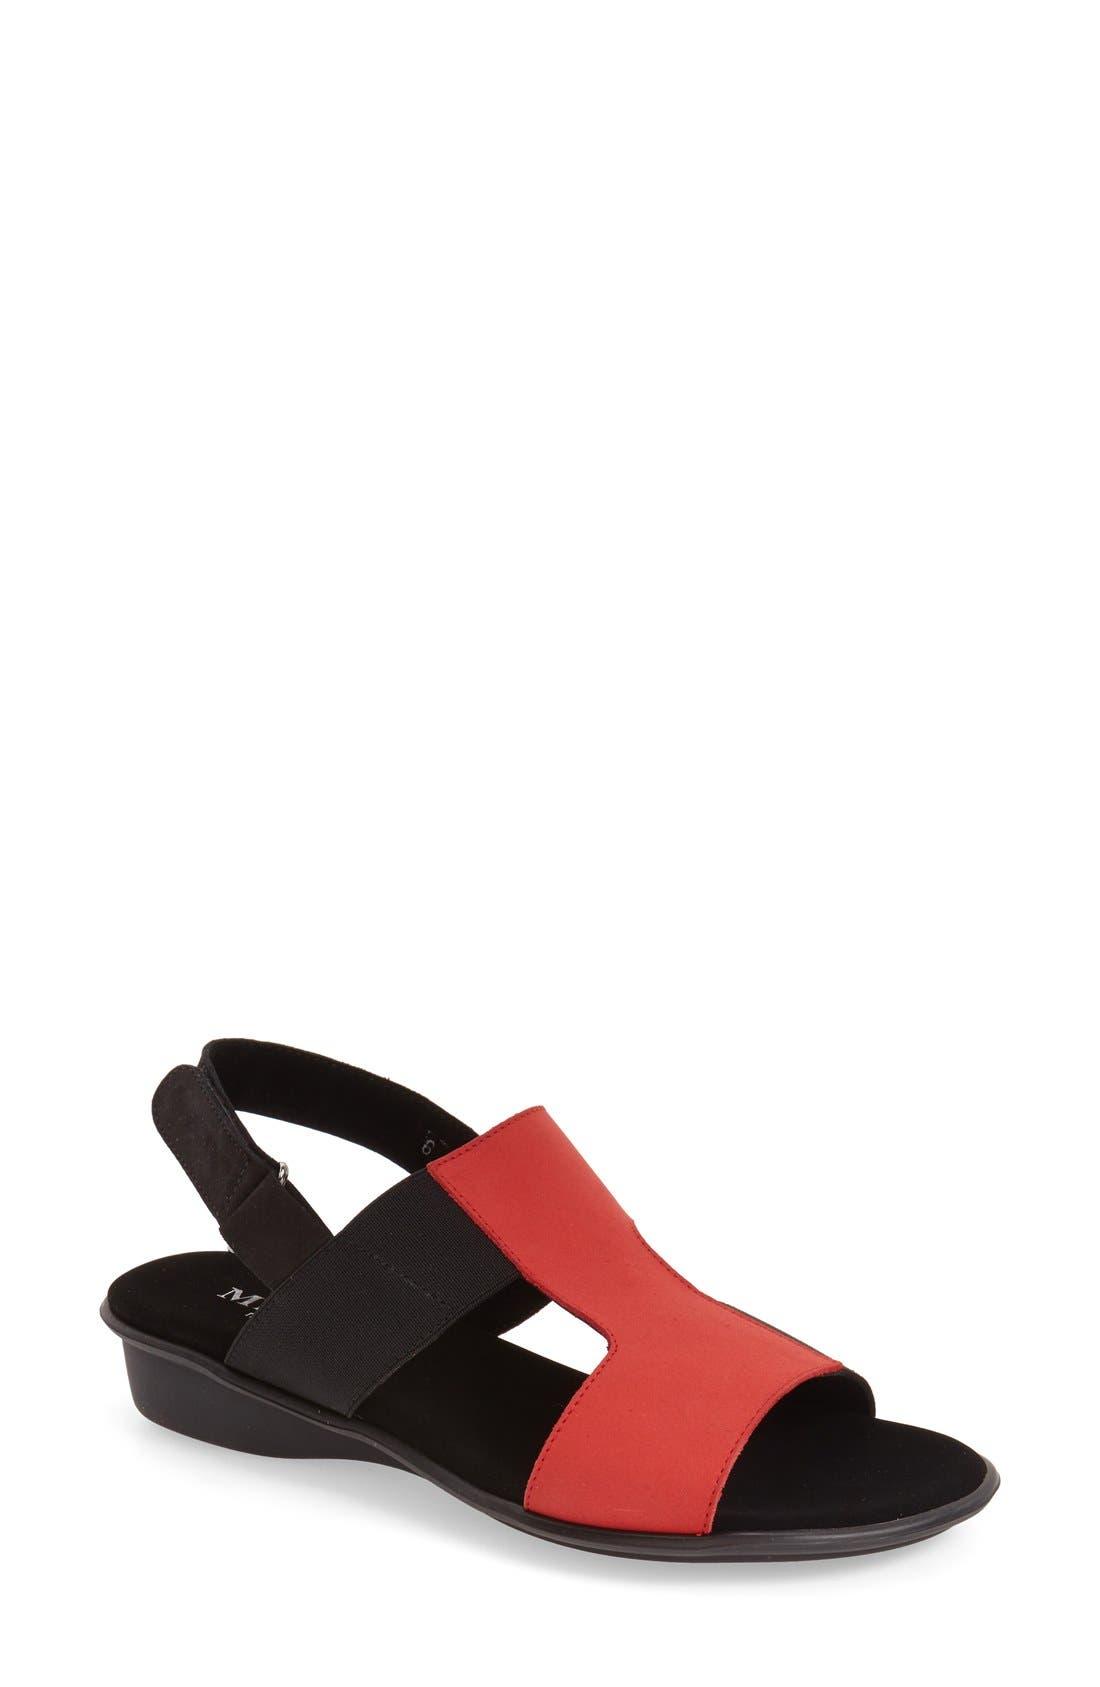 'Eudore' Slingback Sandal,                             Main thumbnail 1, color,                             RED NUBUCK